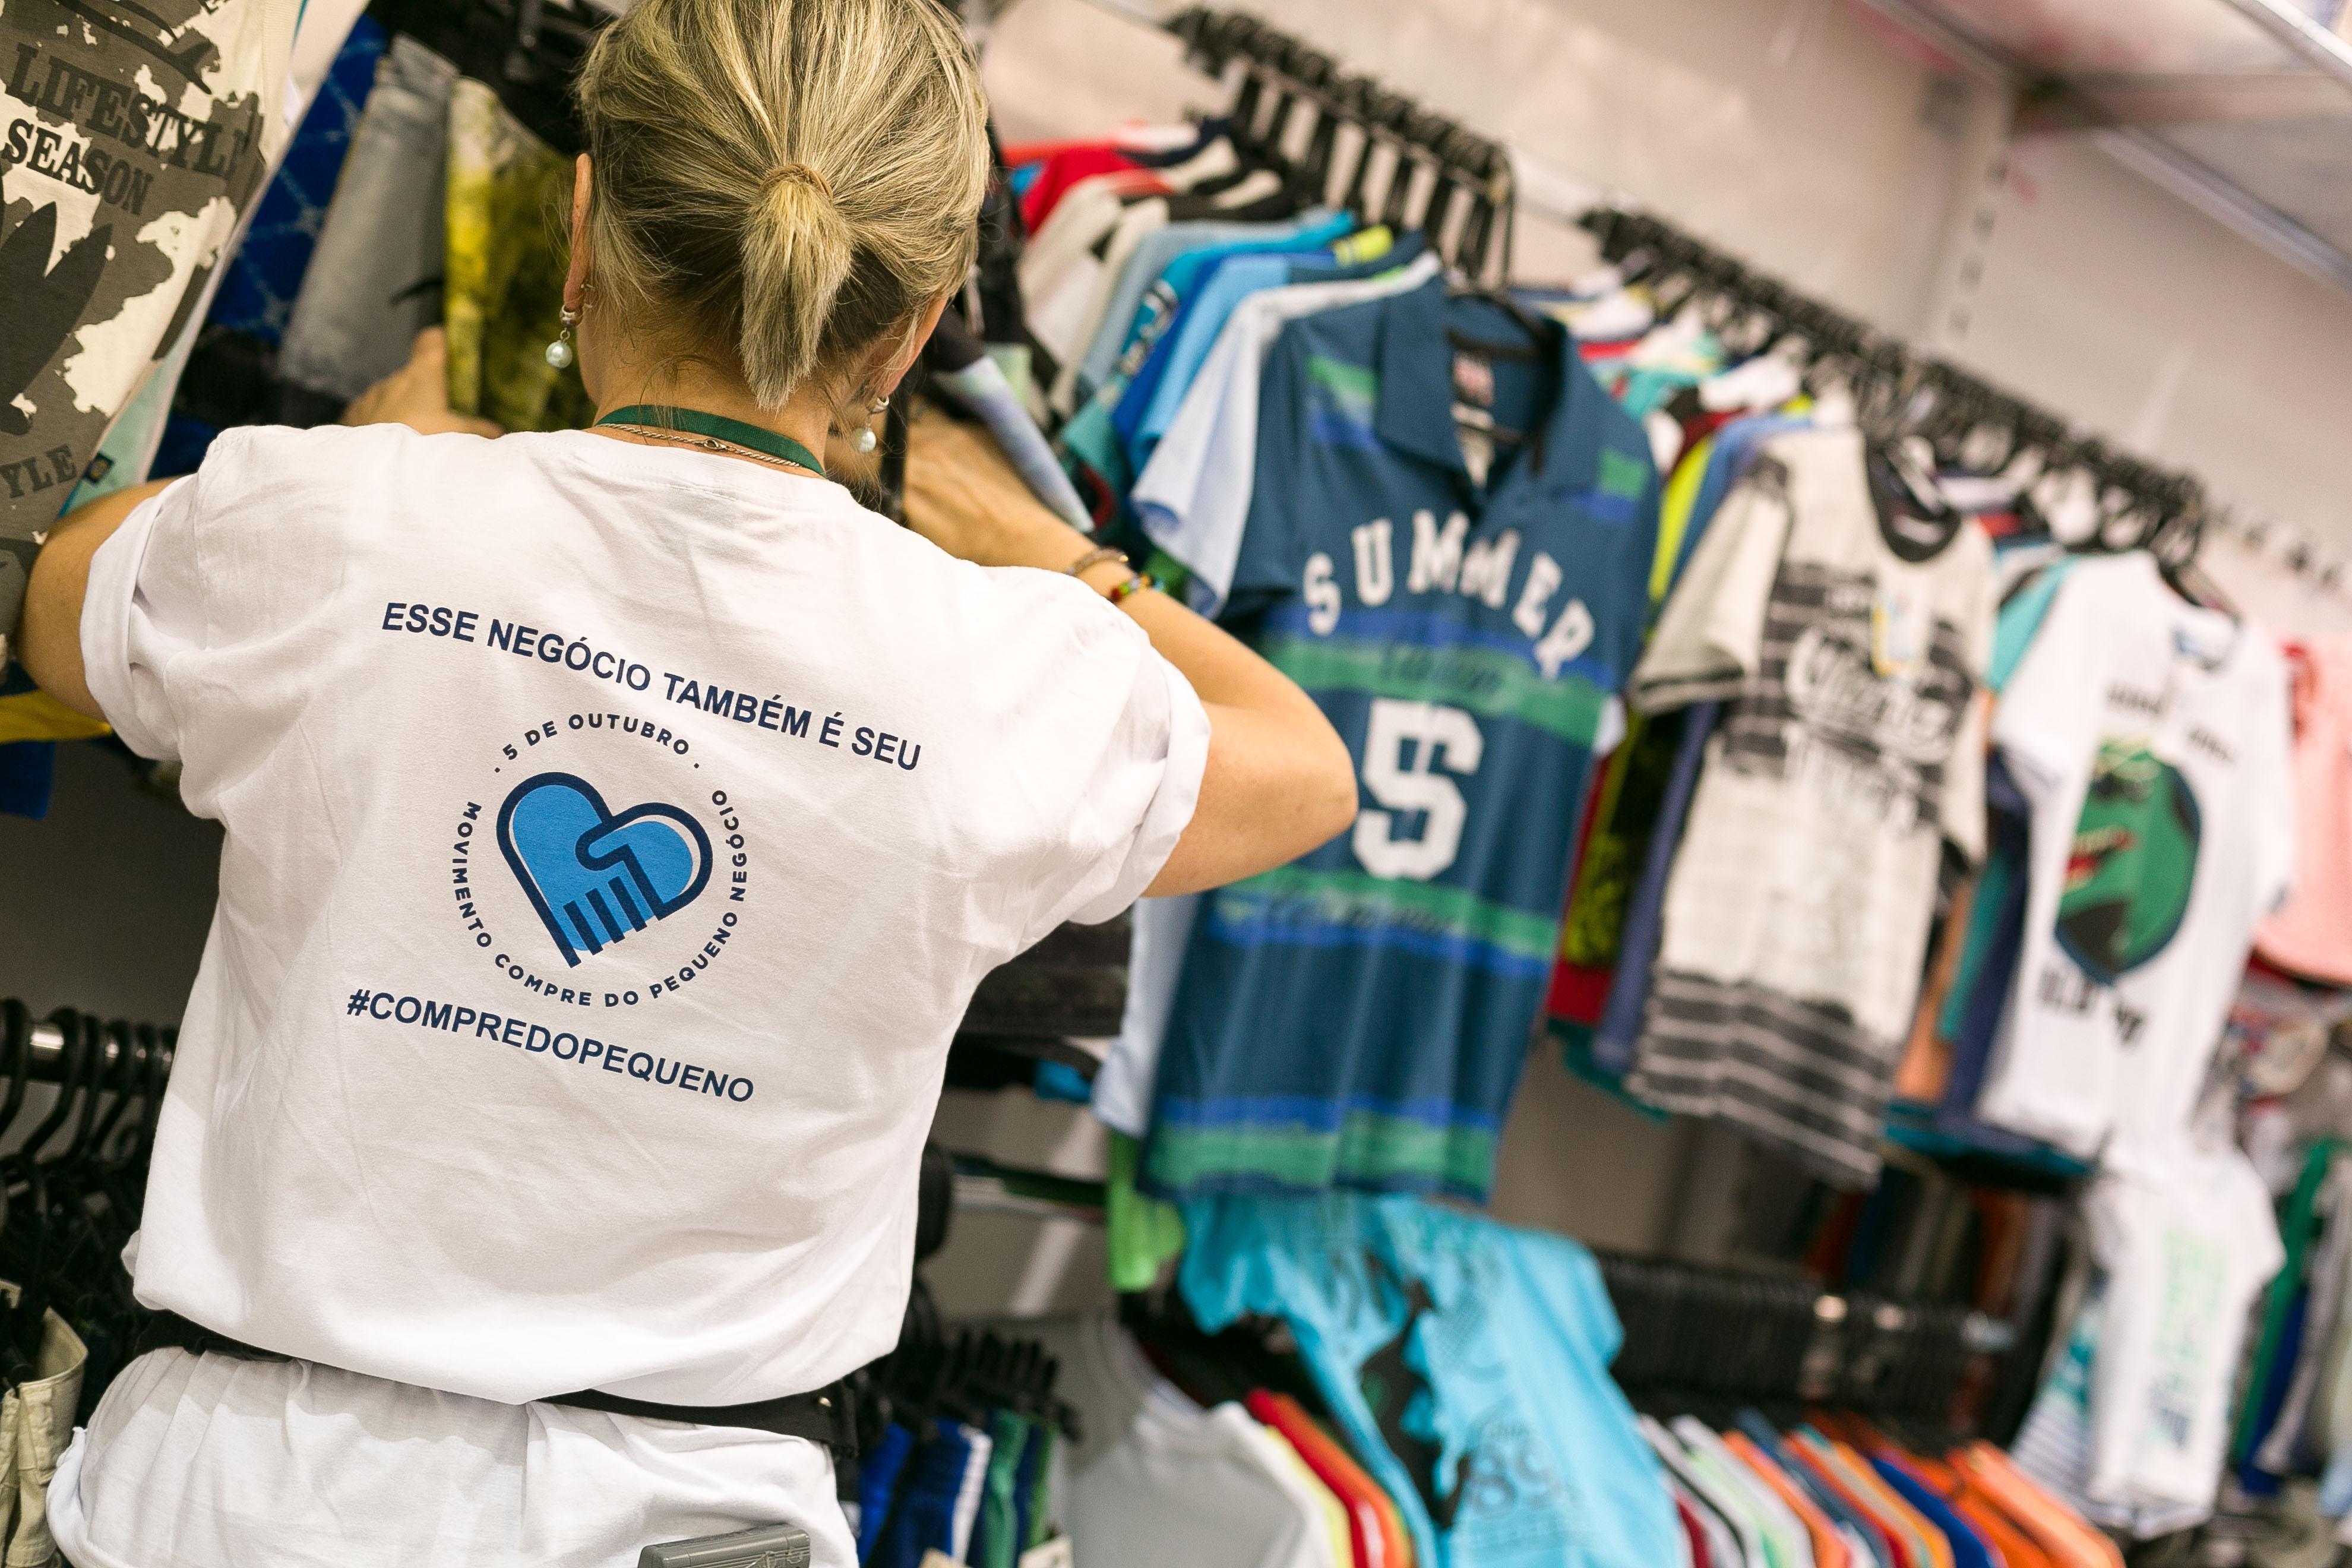 Compre do Pequeno Negócio: ação do Sebrae visa fortalecer presença das empresas de micro e pequeno porte da região